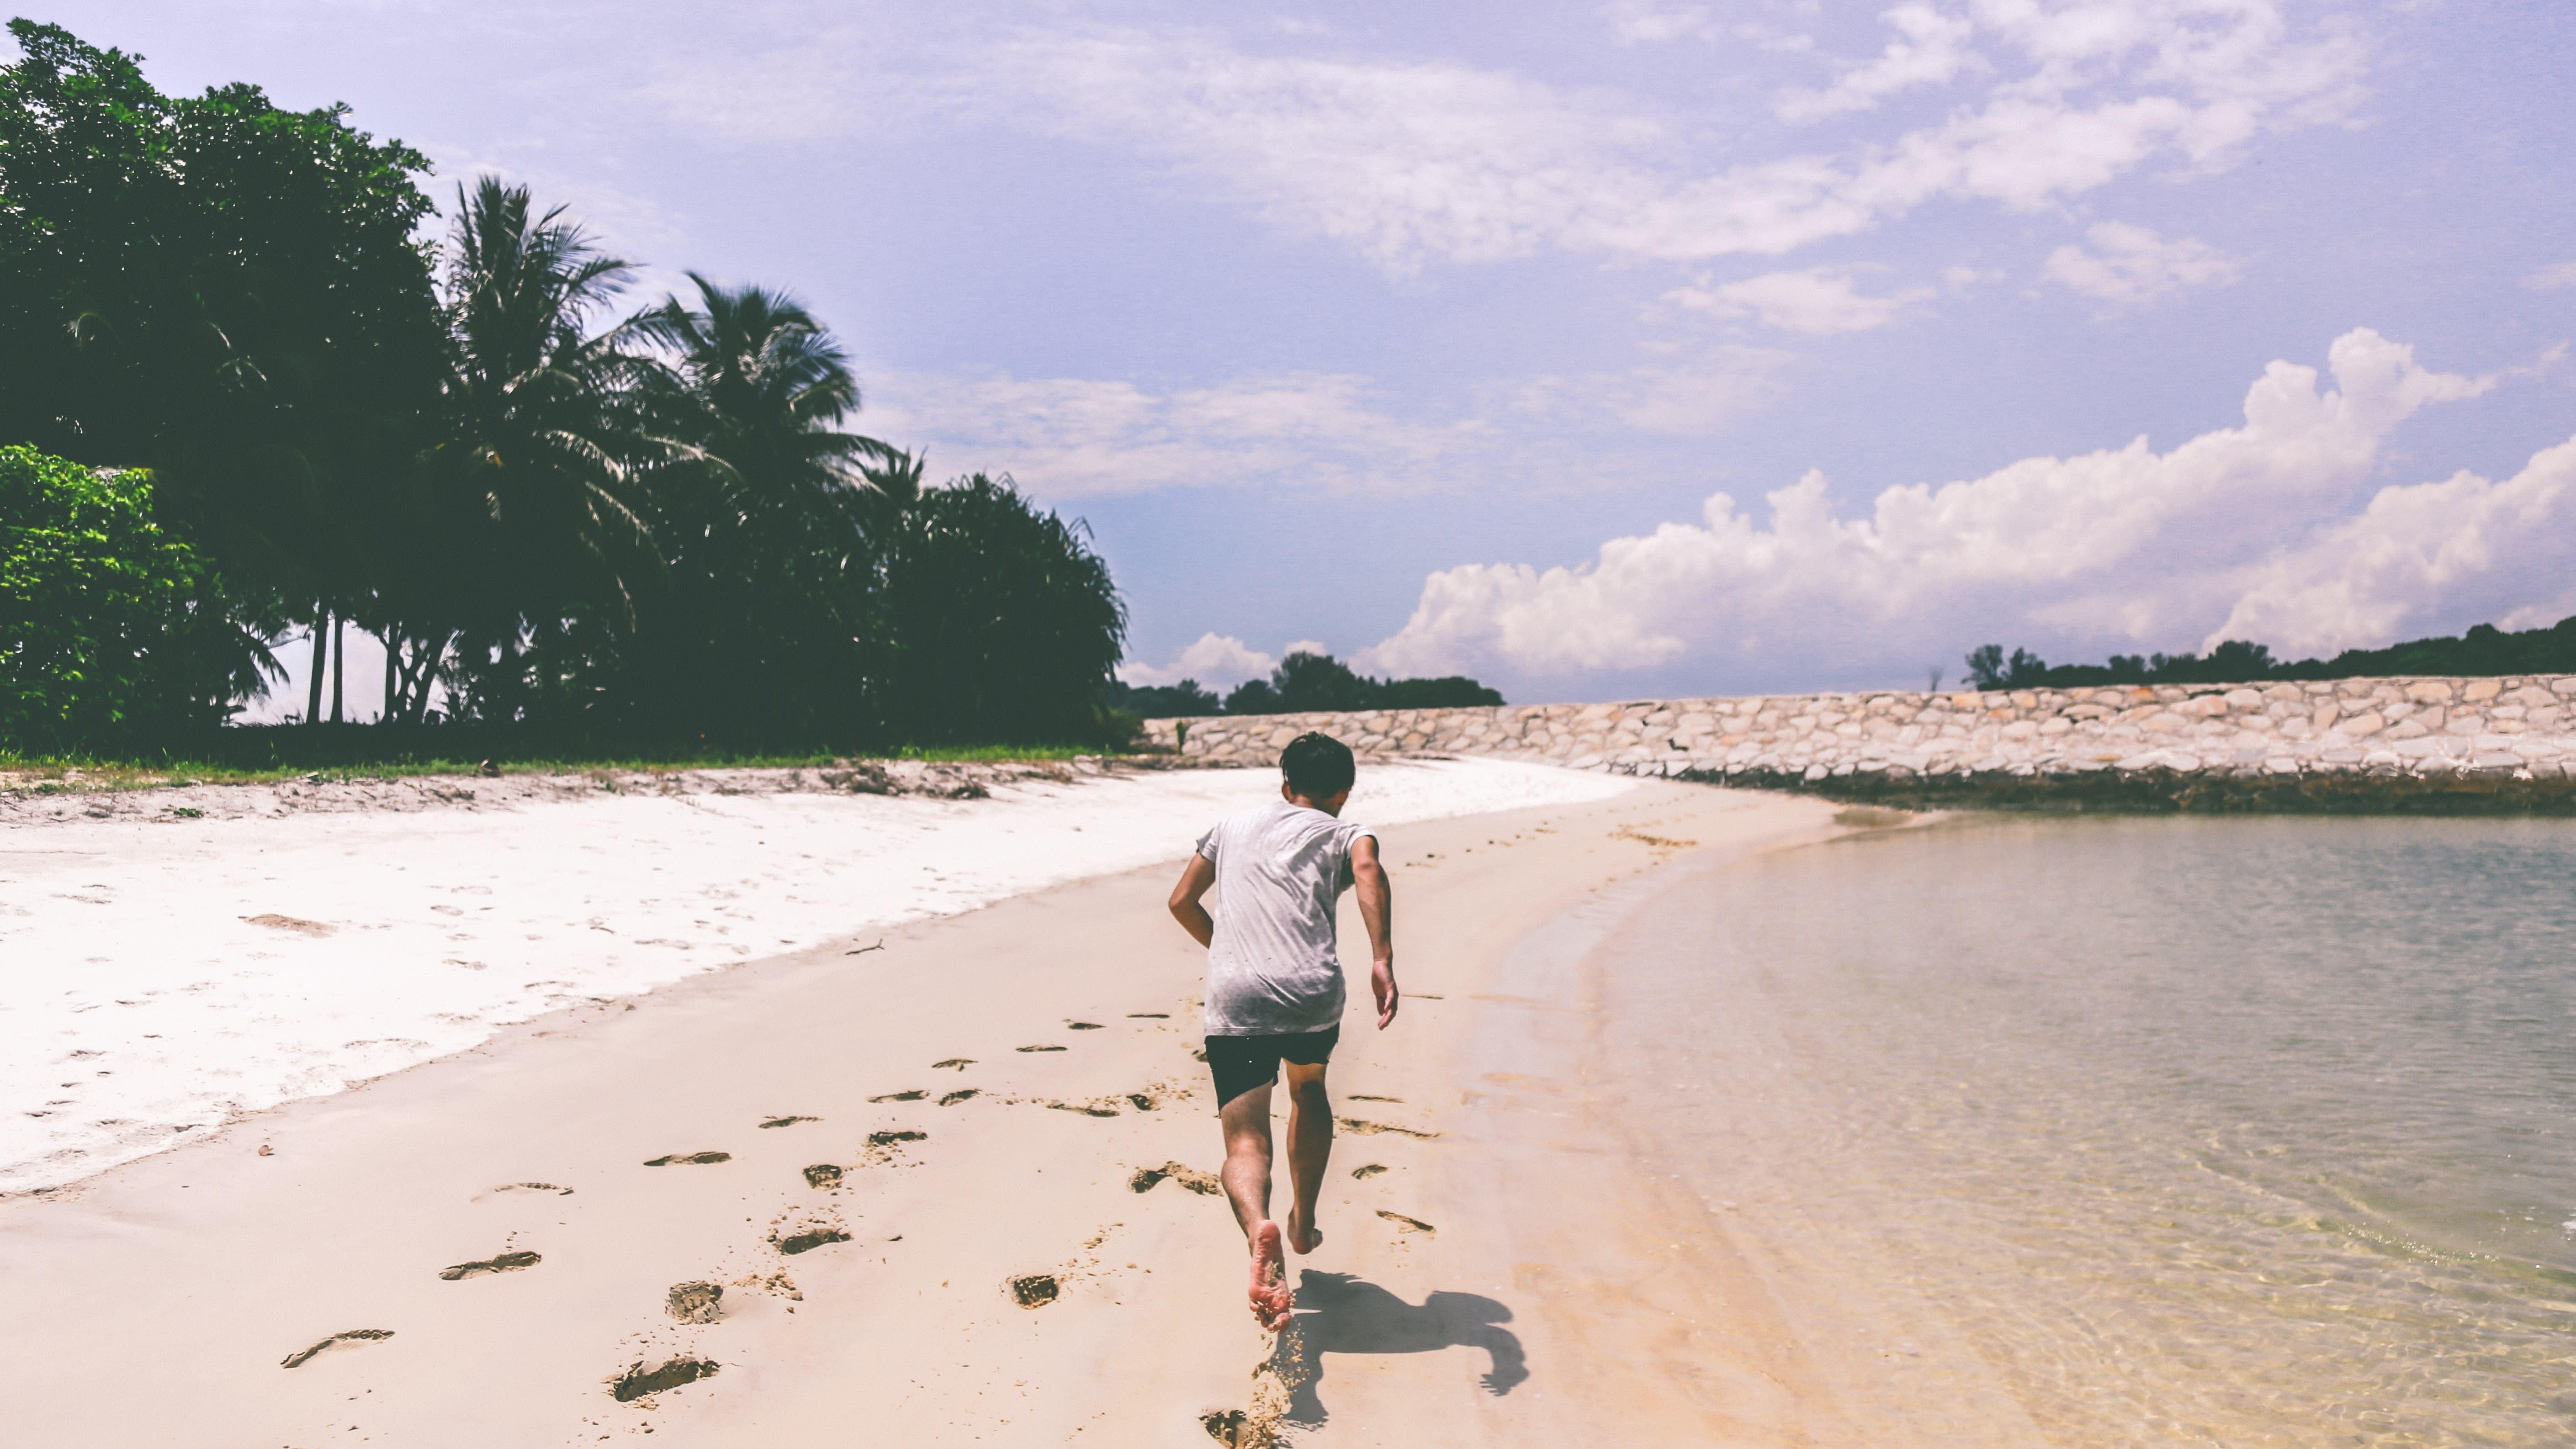 Näin säilytät juoksukunnon kesällä